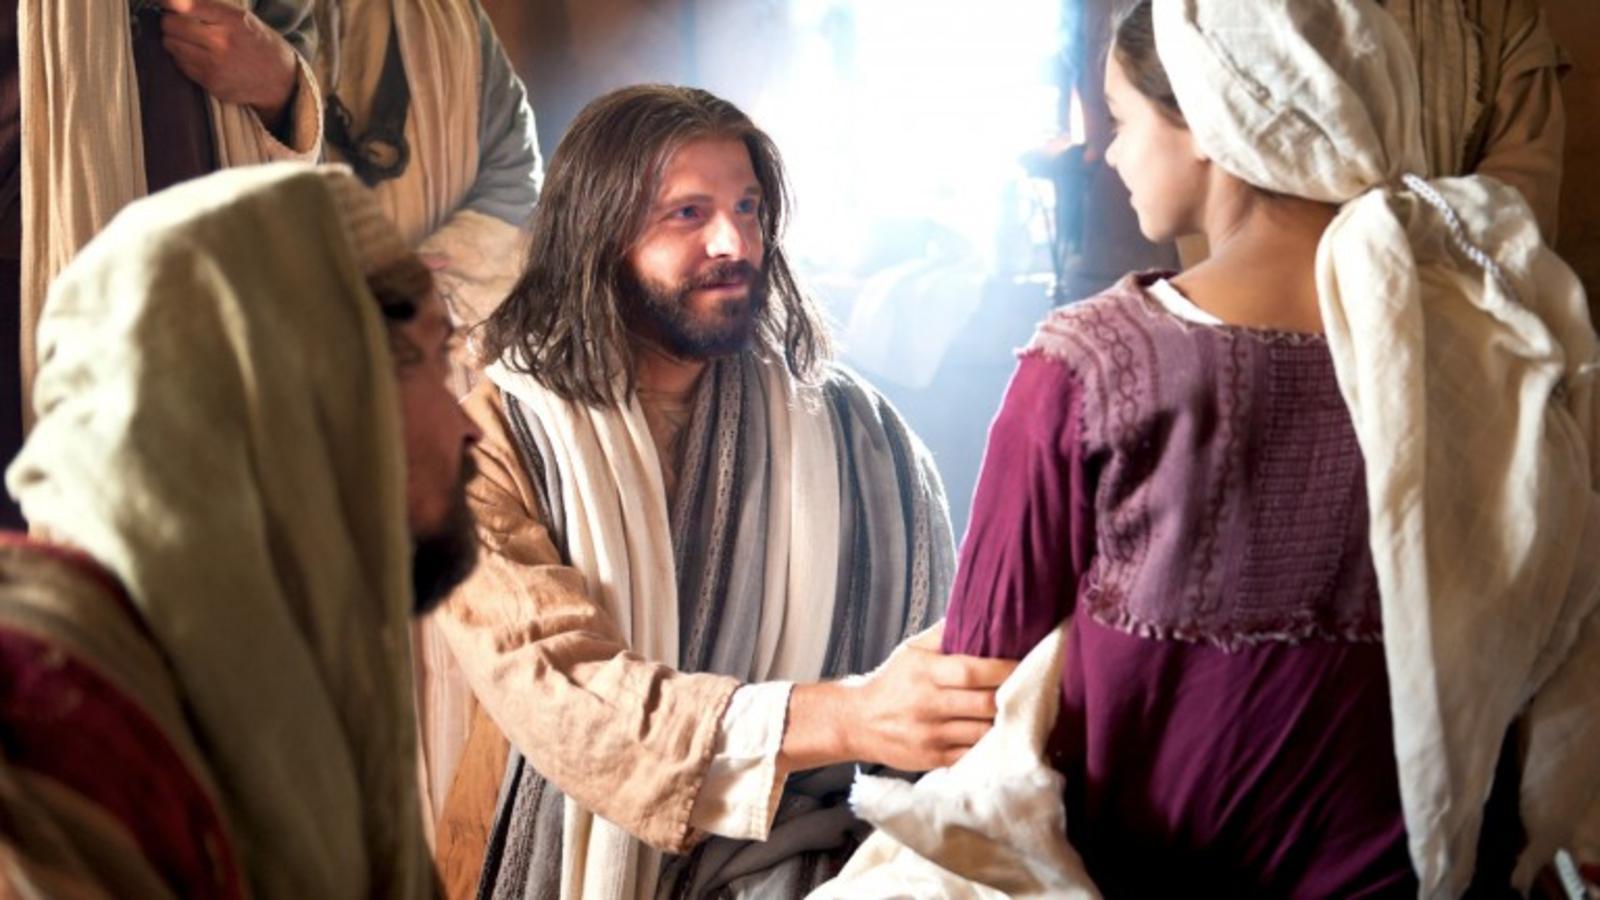 jesus-raises-the-daughter-of-jairus-2015-01-01